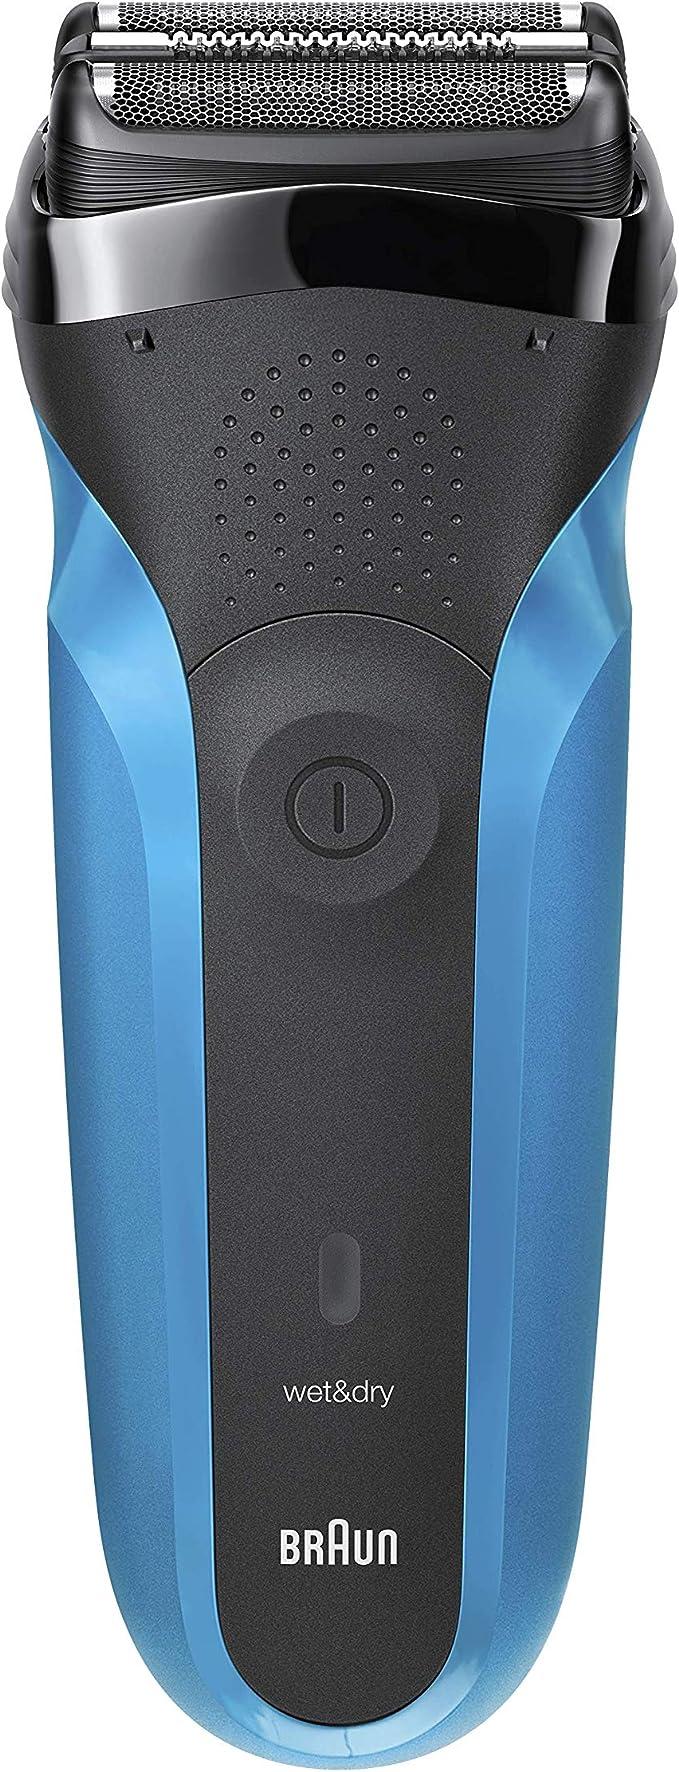 Braun Series 3 310 Afeitadora Eléctrica, Maquinilla Wet & Dry para Barba Hombre con 3 Láminas Flexibles, Recargable ...